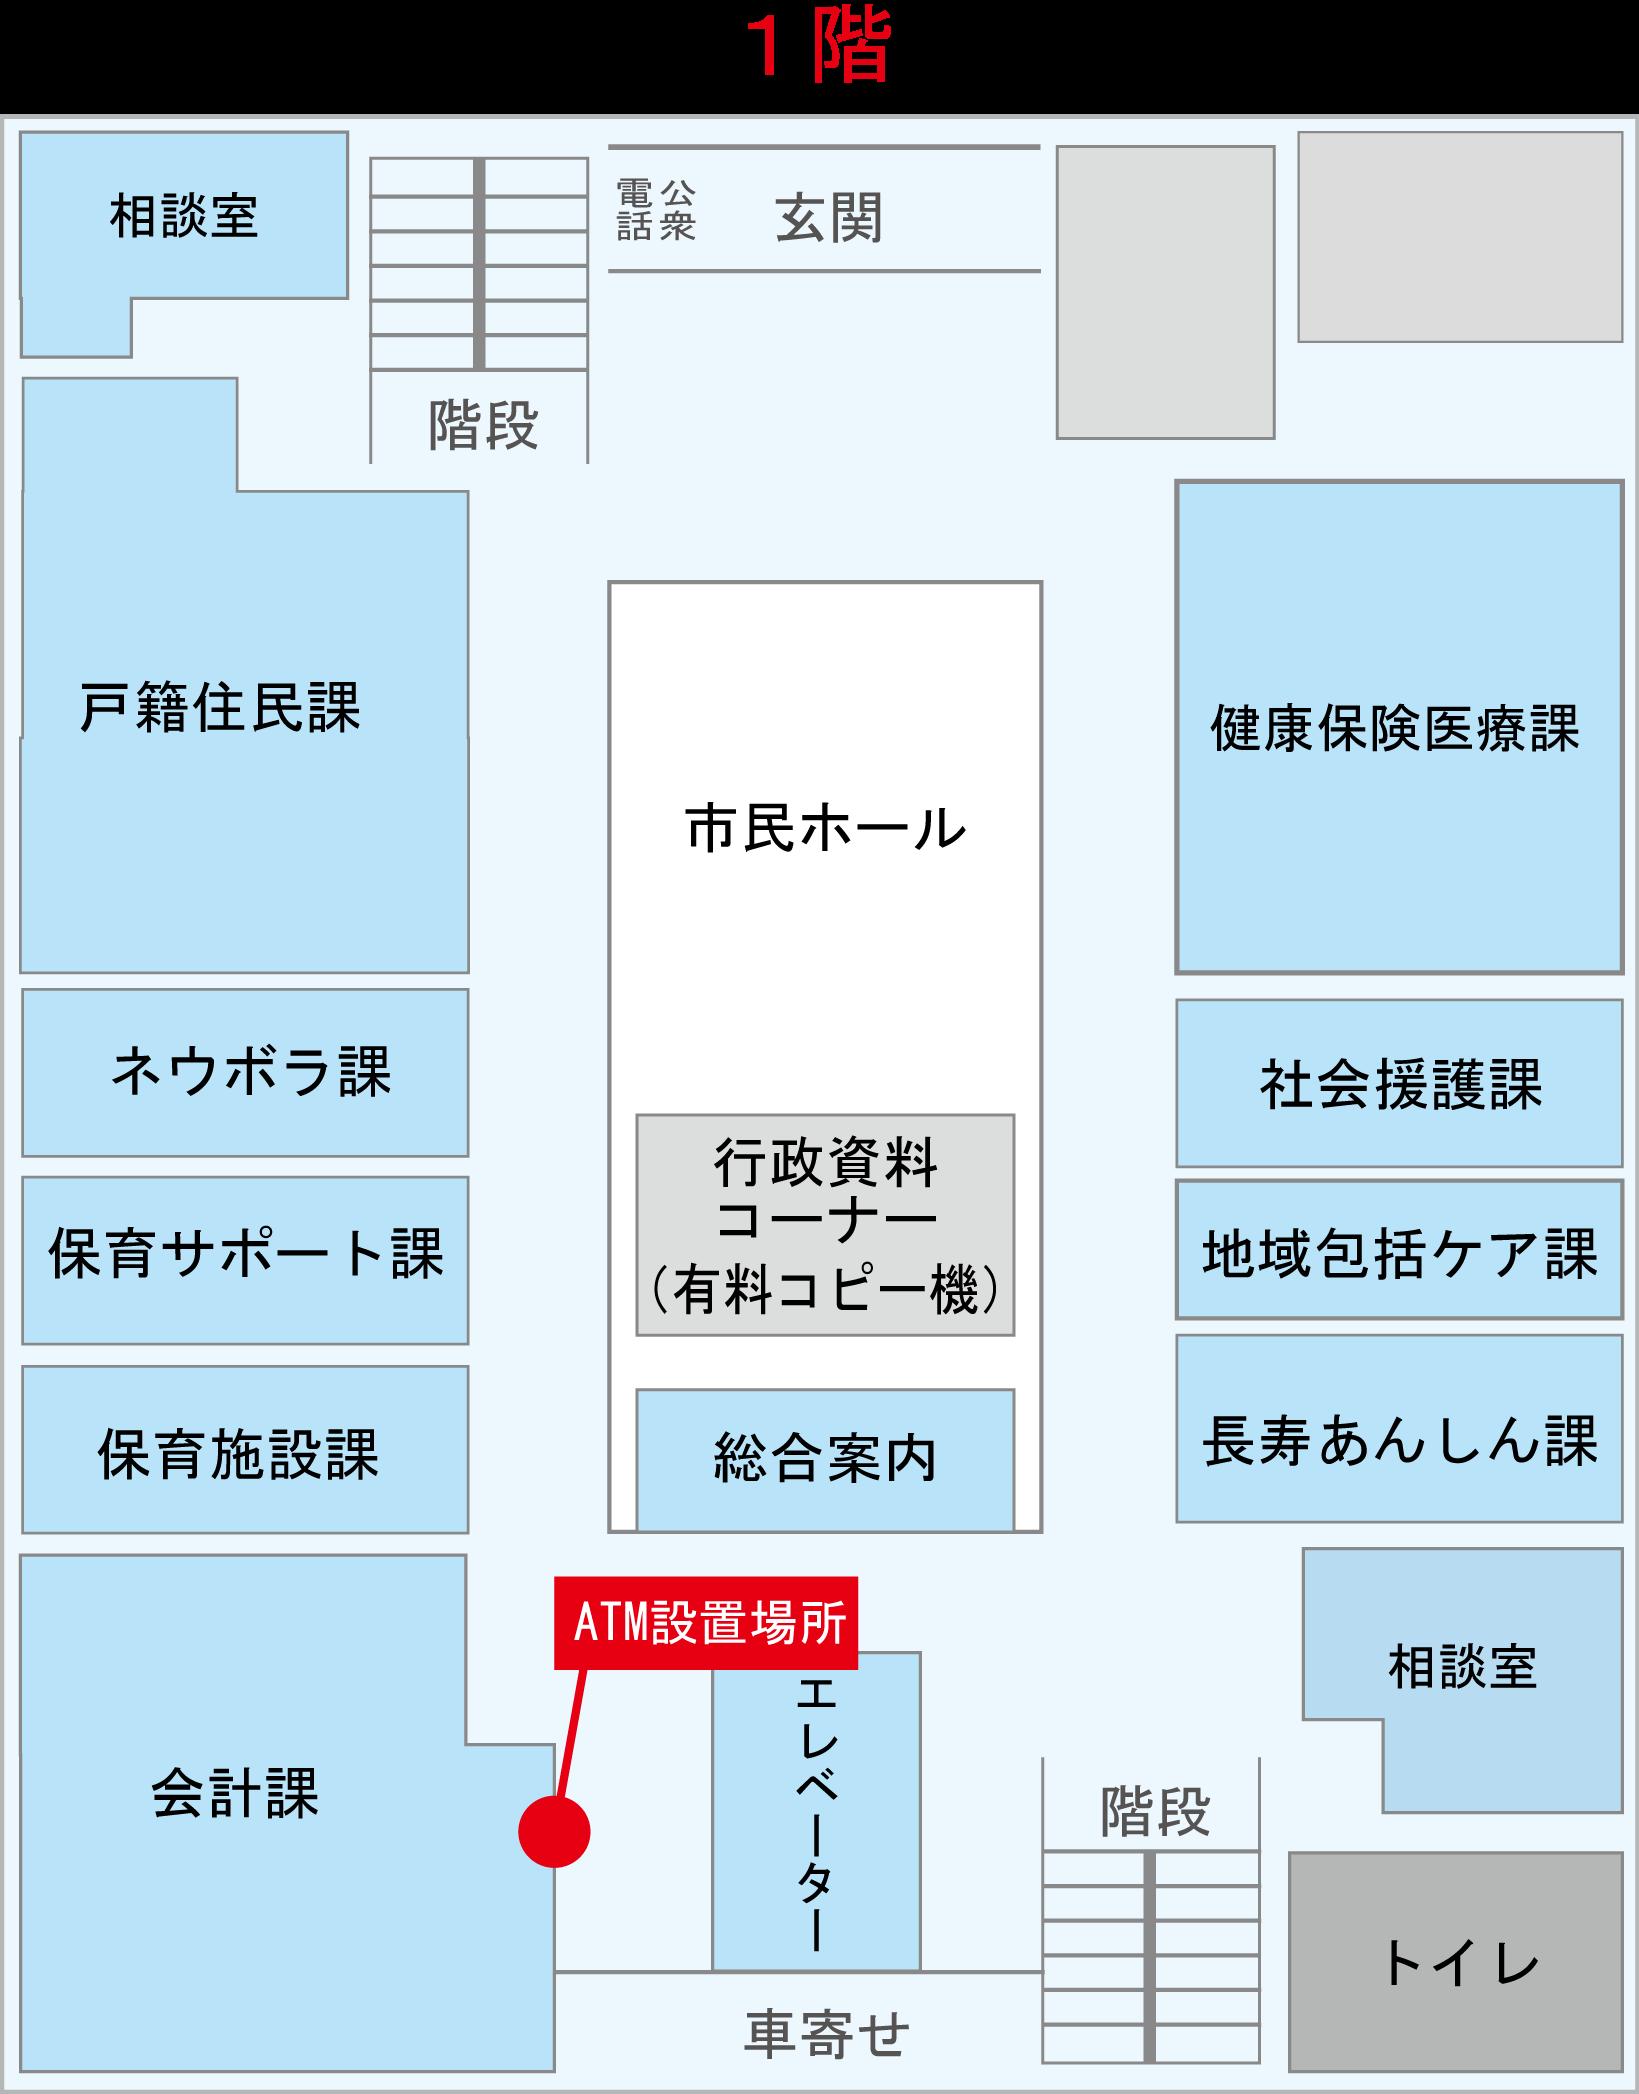 Atm 銀行 埼玉 りそな